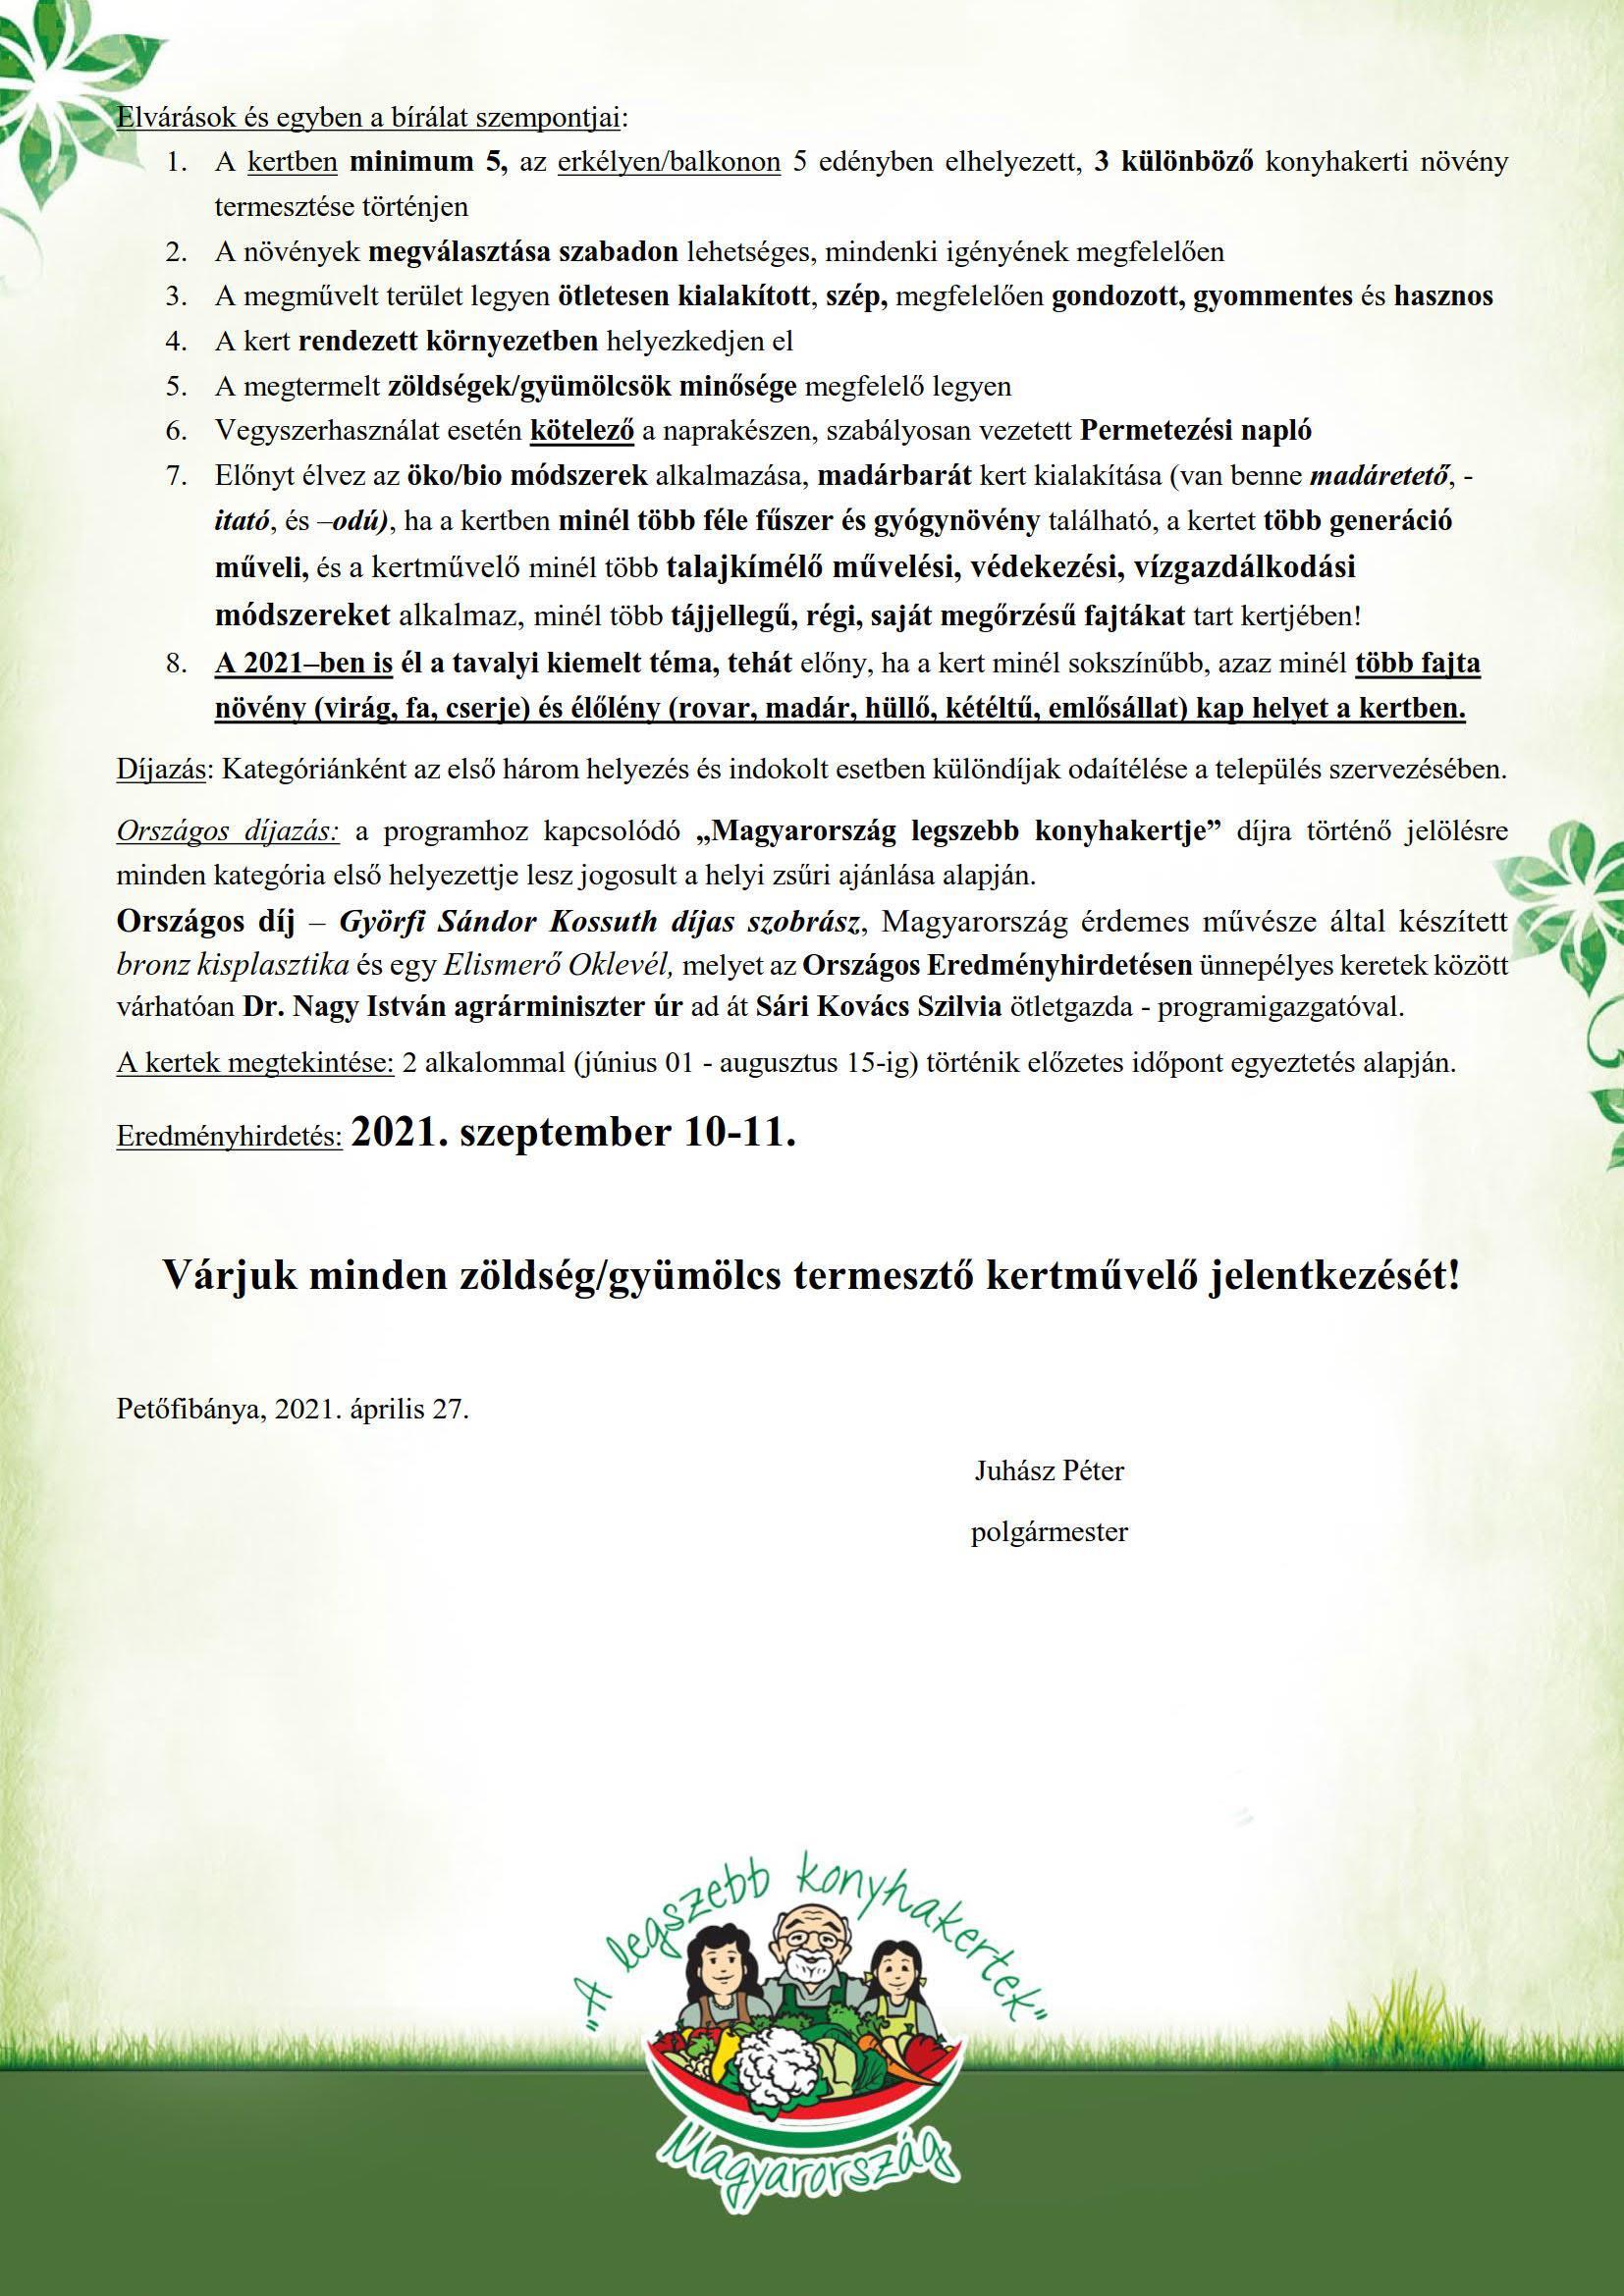 Petofibanya_Megh_plakat_2021_3.jpg